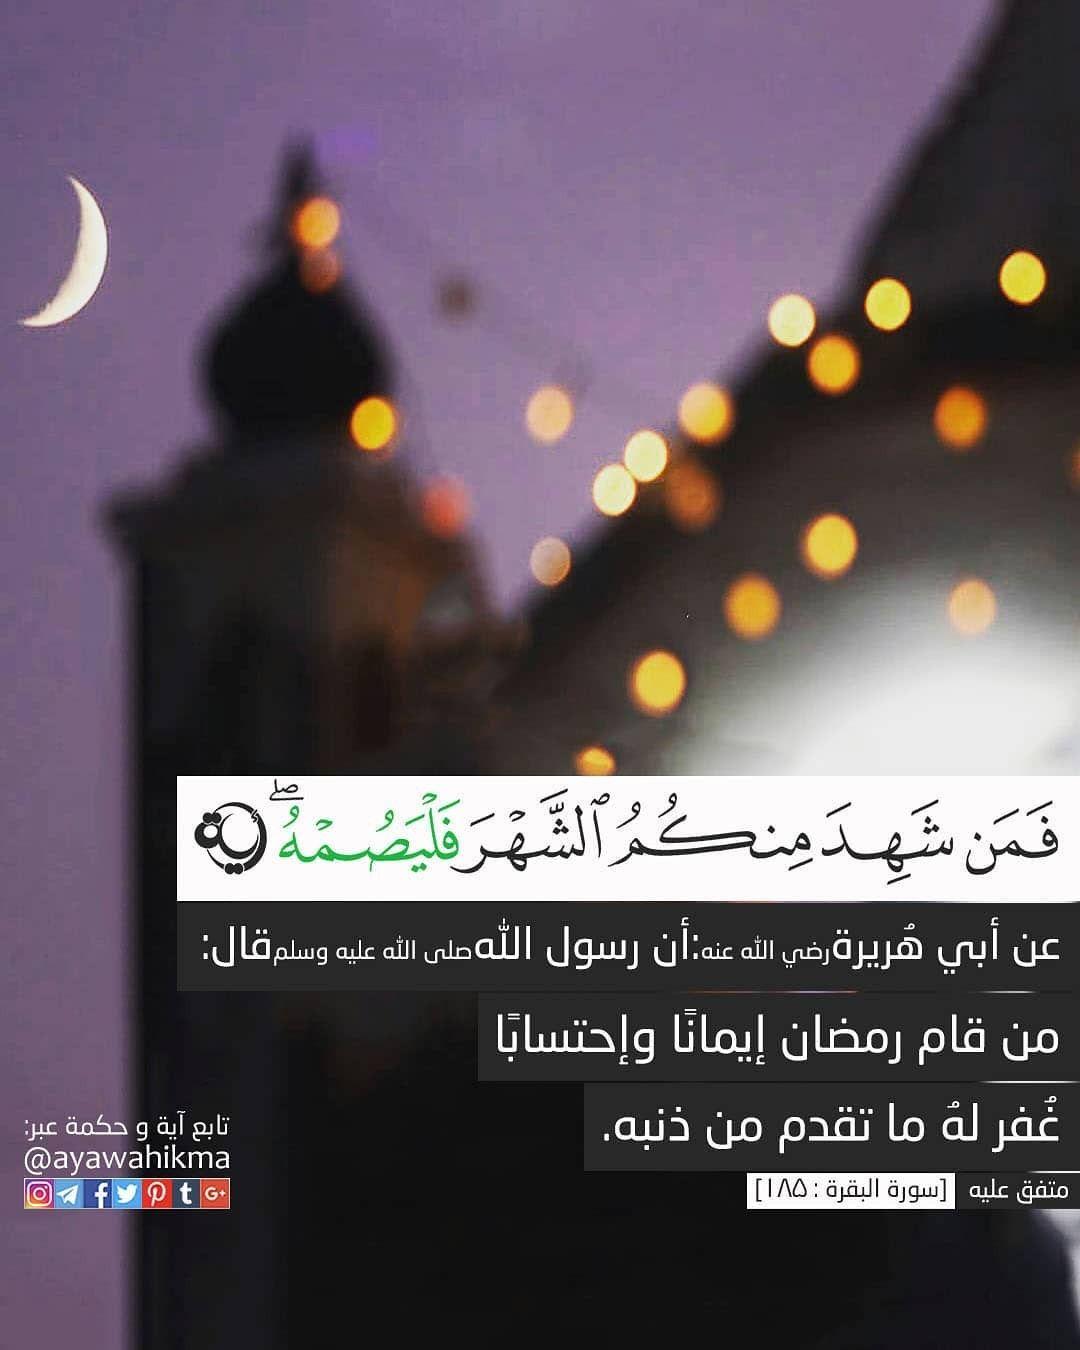 Pin By آية و حكمة On آية و حكمة Instagram Photo Photo And Video Instagram